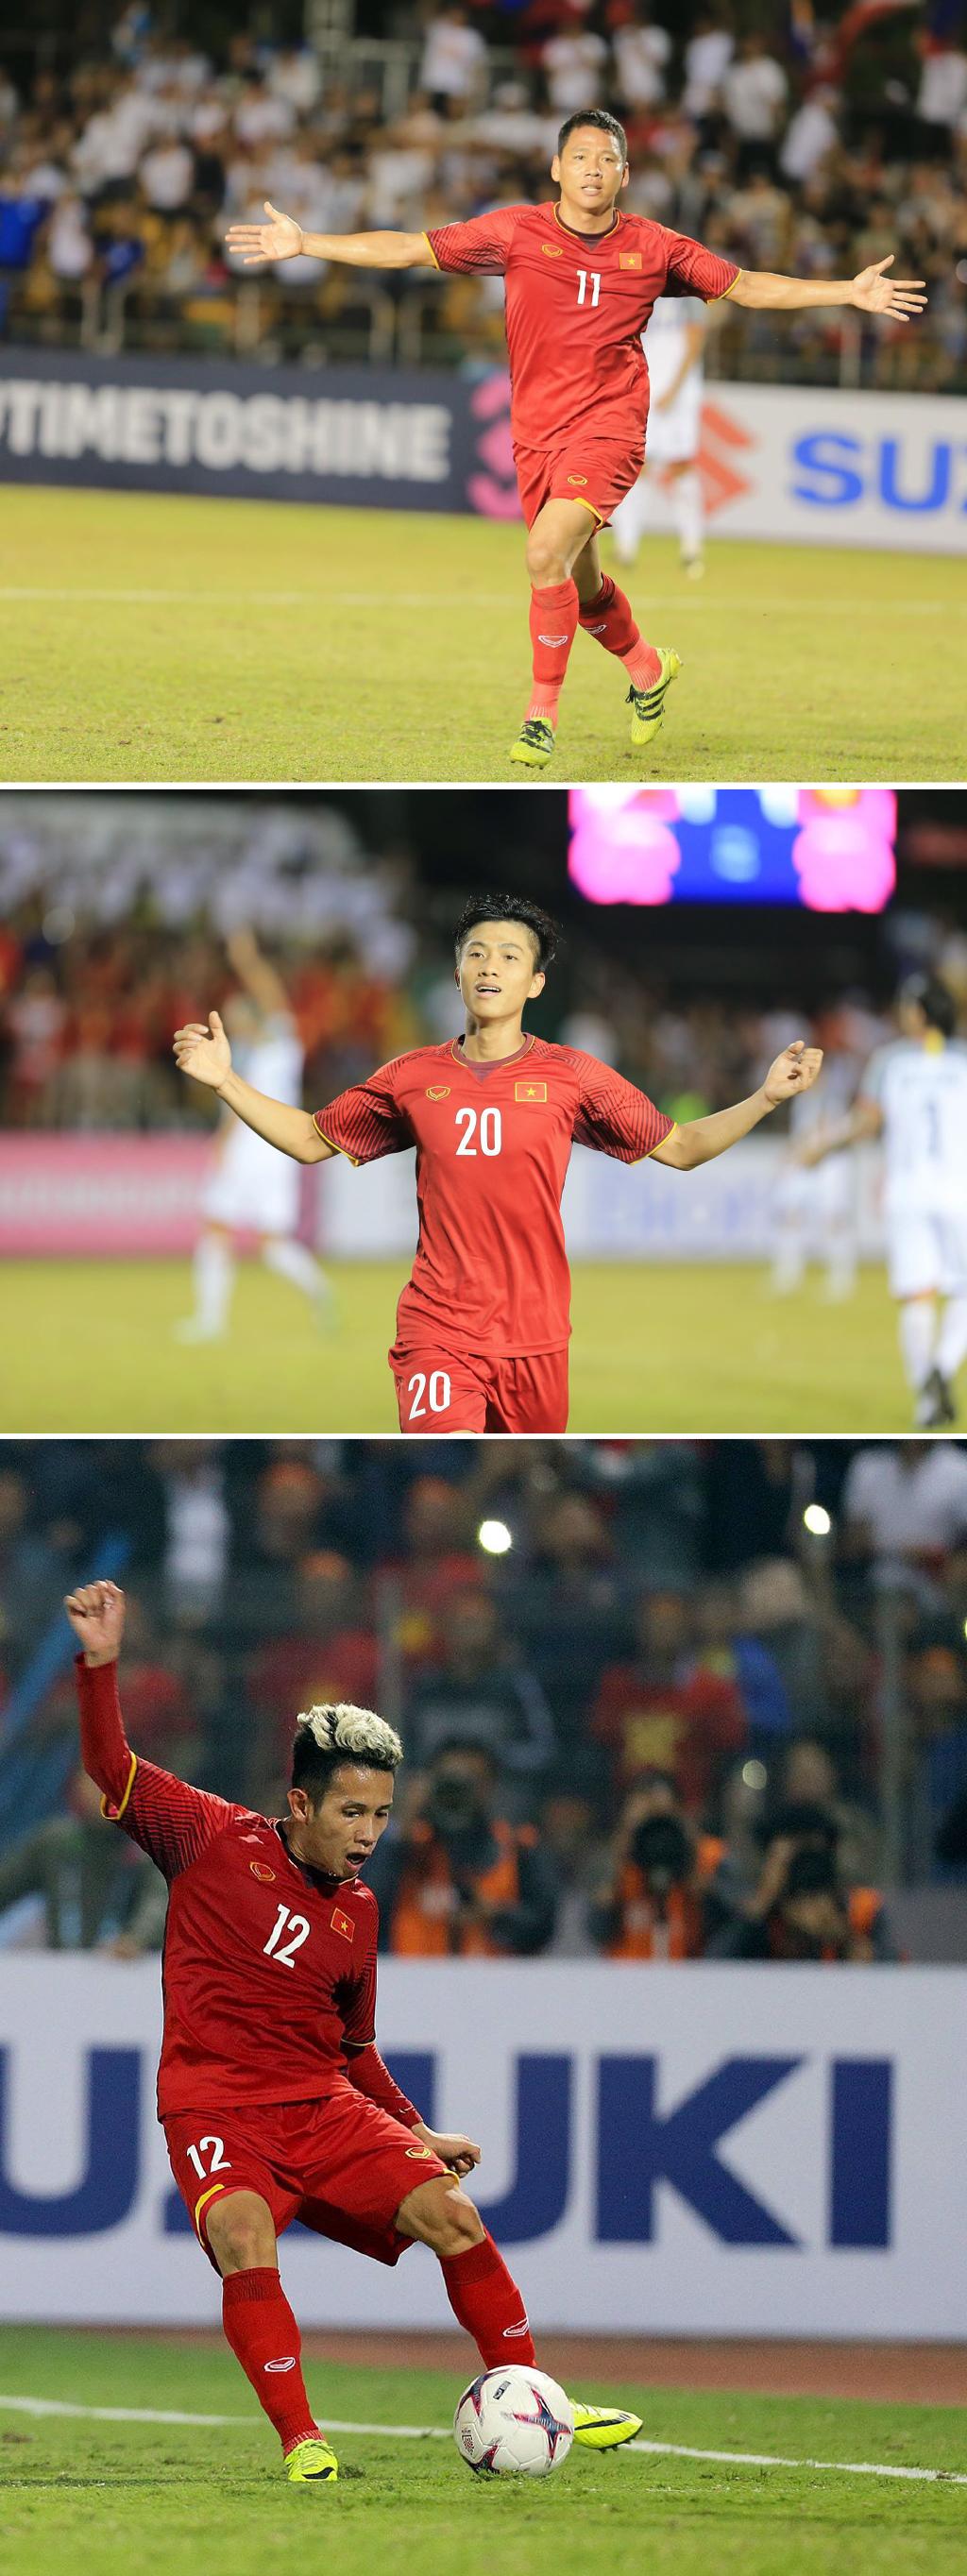 Chung kết lượt đi AFF Cup 2018, Malaysia - Việt Nam: Cuộc chiến không khoan nhượng ảnh 3